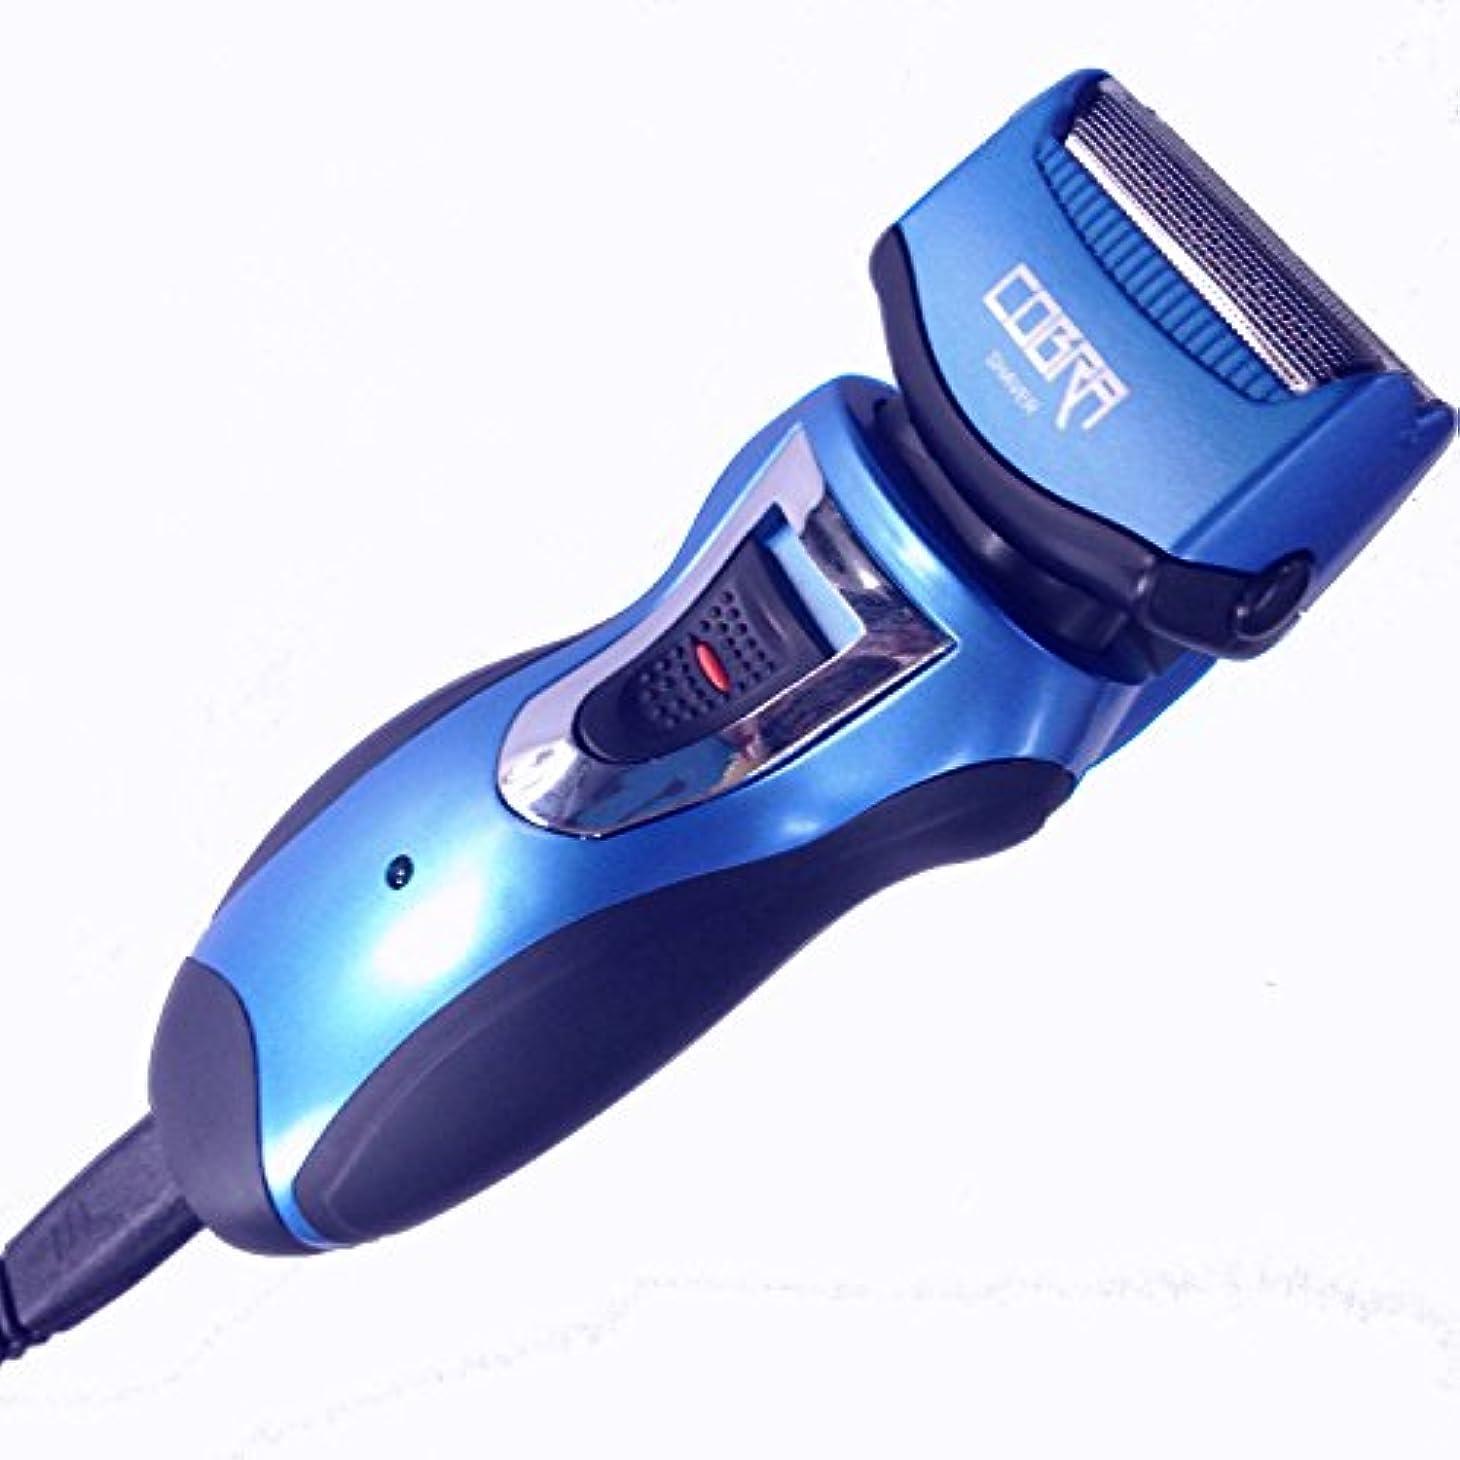 星コマンド抹消RQ-720 充電式ひげそり器 ウォータープルーフ シェーバー コブラ 防水 水洗い可